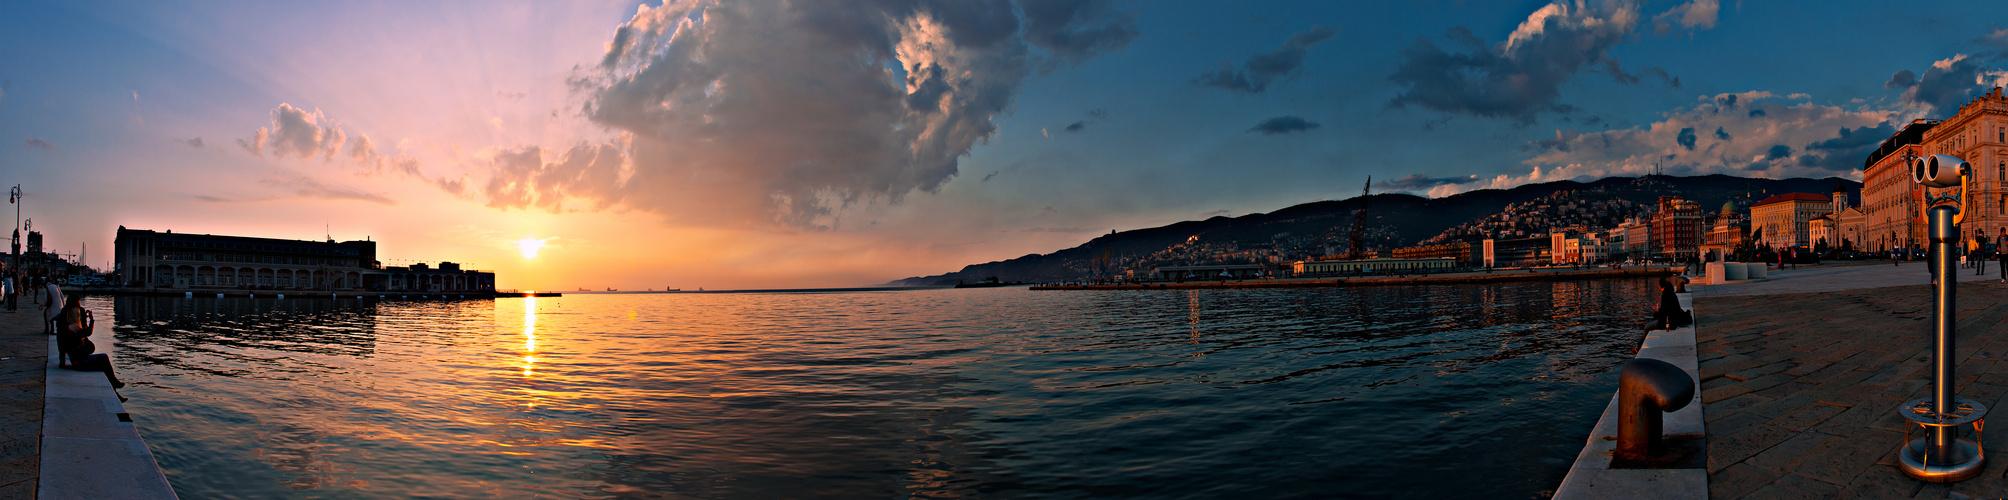 Sonnenuntergang in Triest